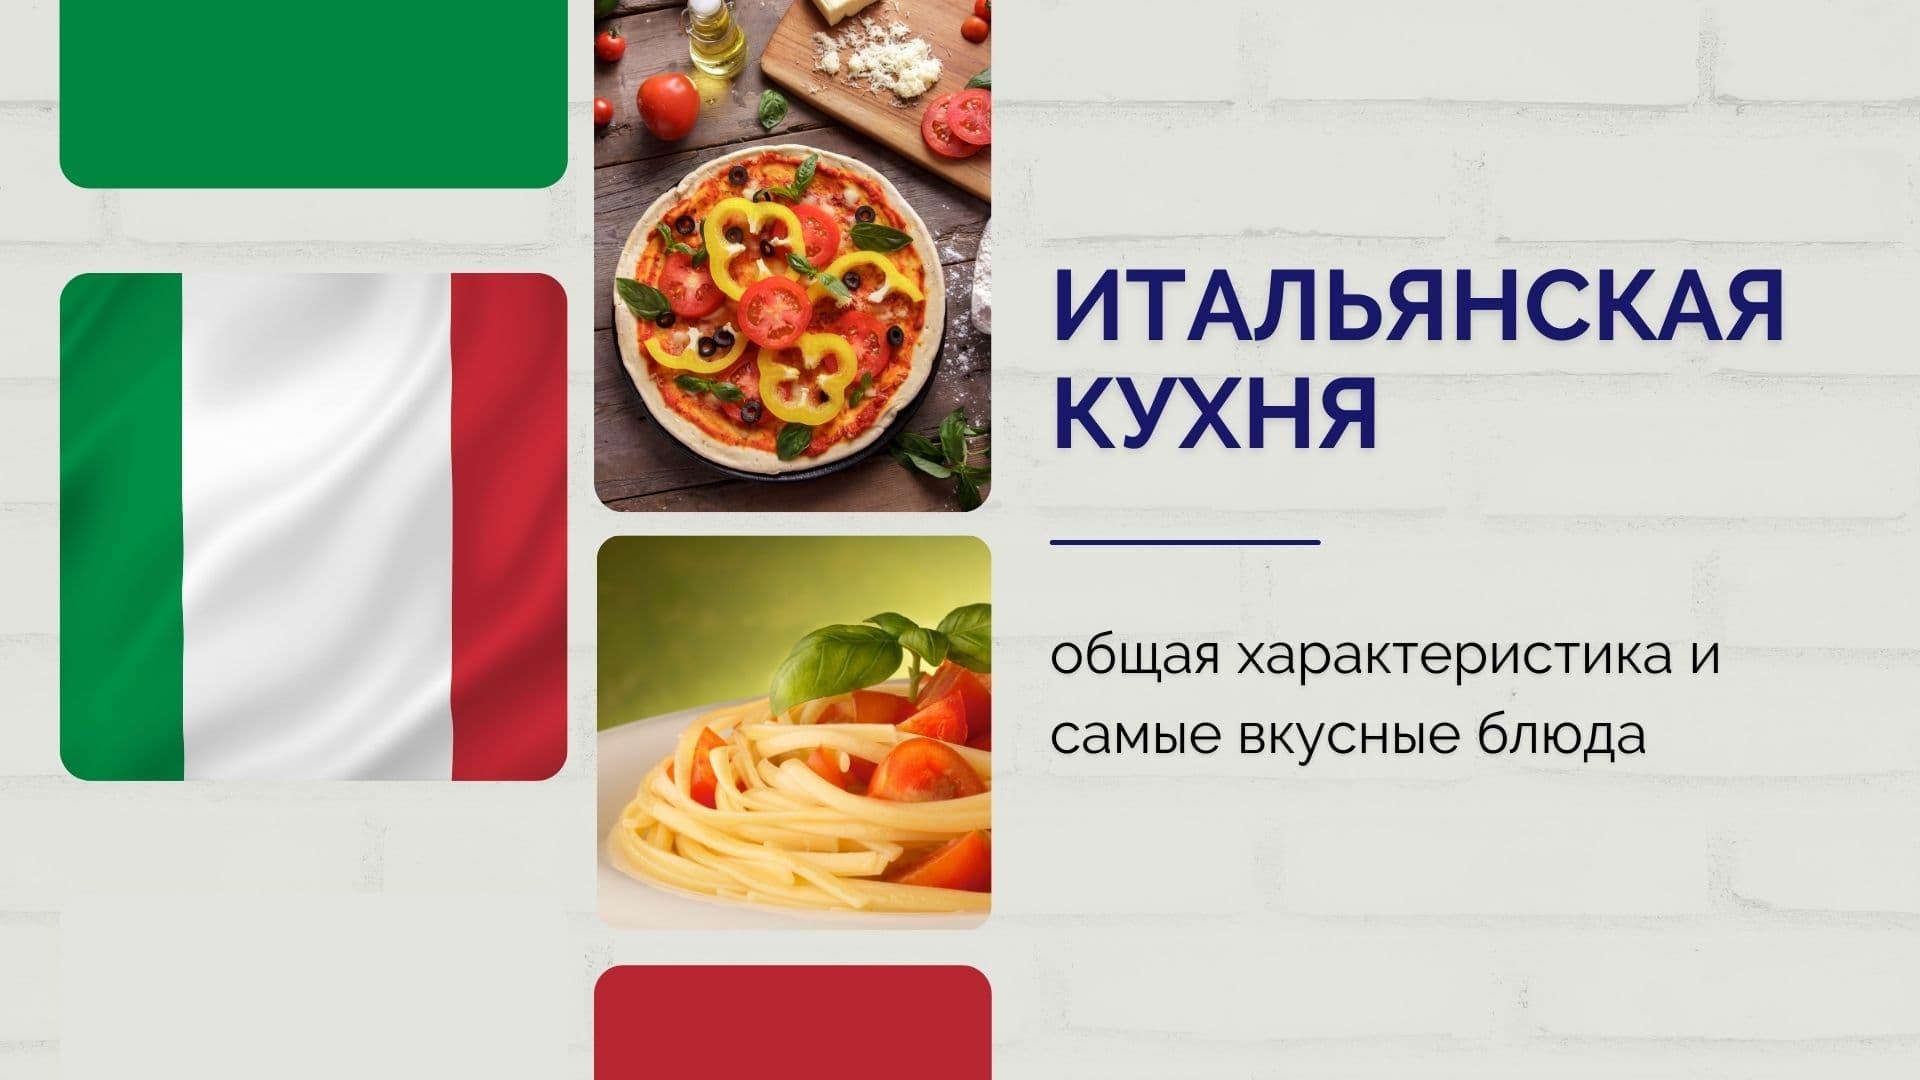 Итальянская кухня: общая характеристика и самые вкусные блюда